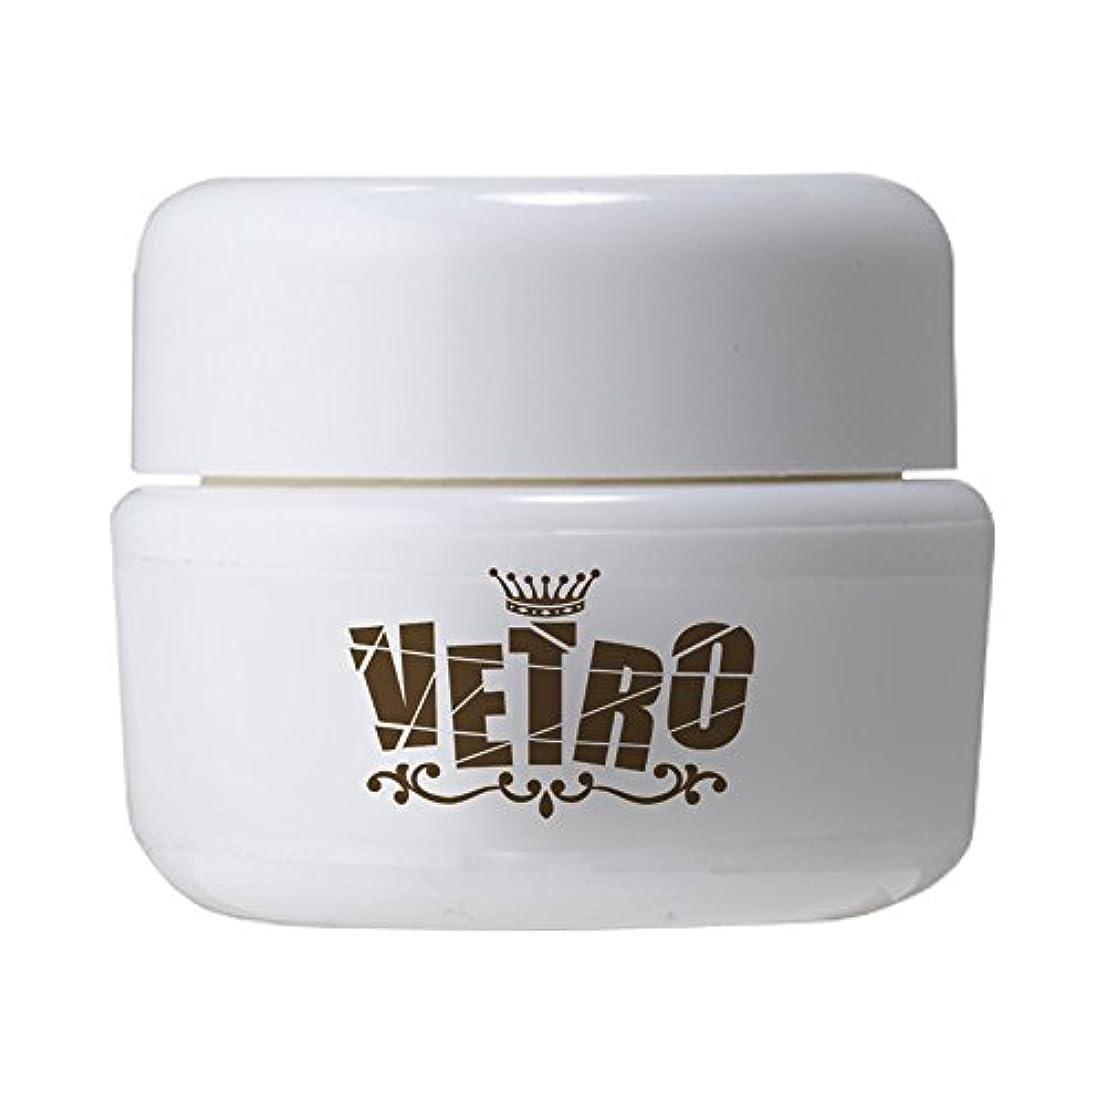 家庭教師議題肺炎VETRO No.19 カラージェル マット VL406 ドルチェ 4ml